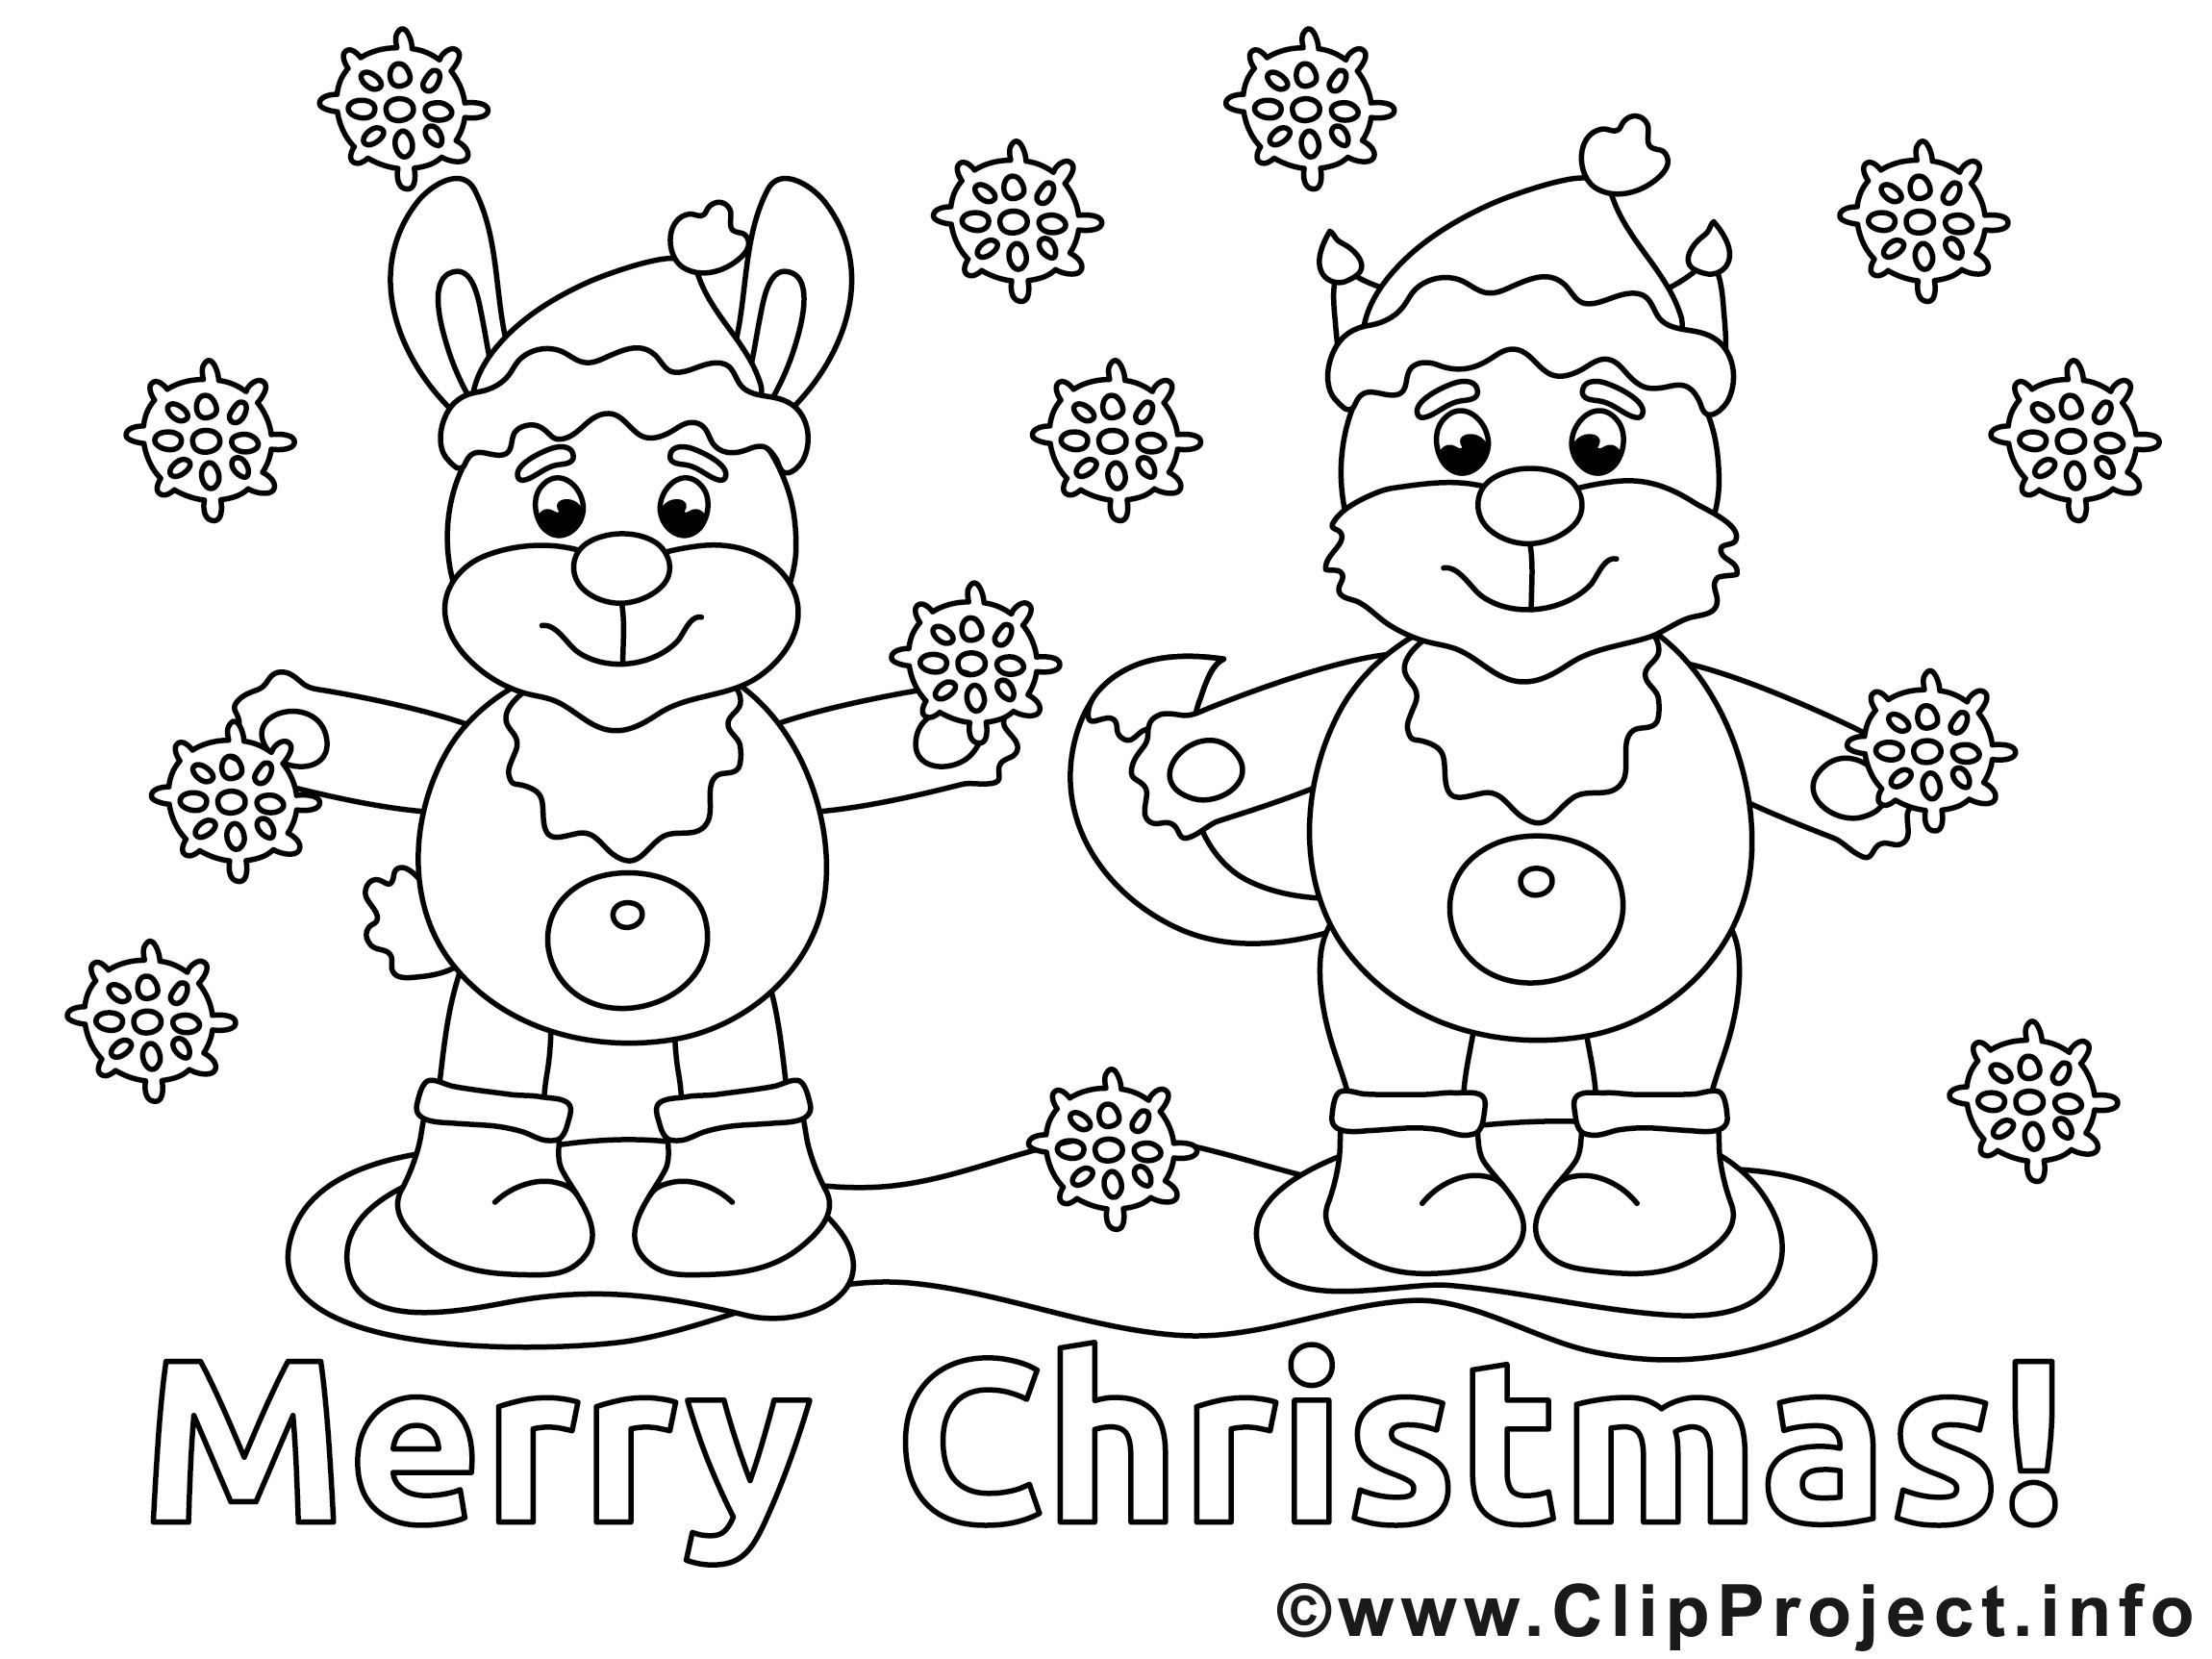 Kostenlose Malvorlagen Weihnachten  Malvorlagen Weihnachten kostenlos ausdrucken